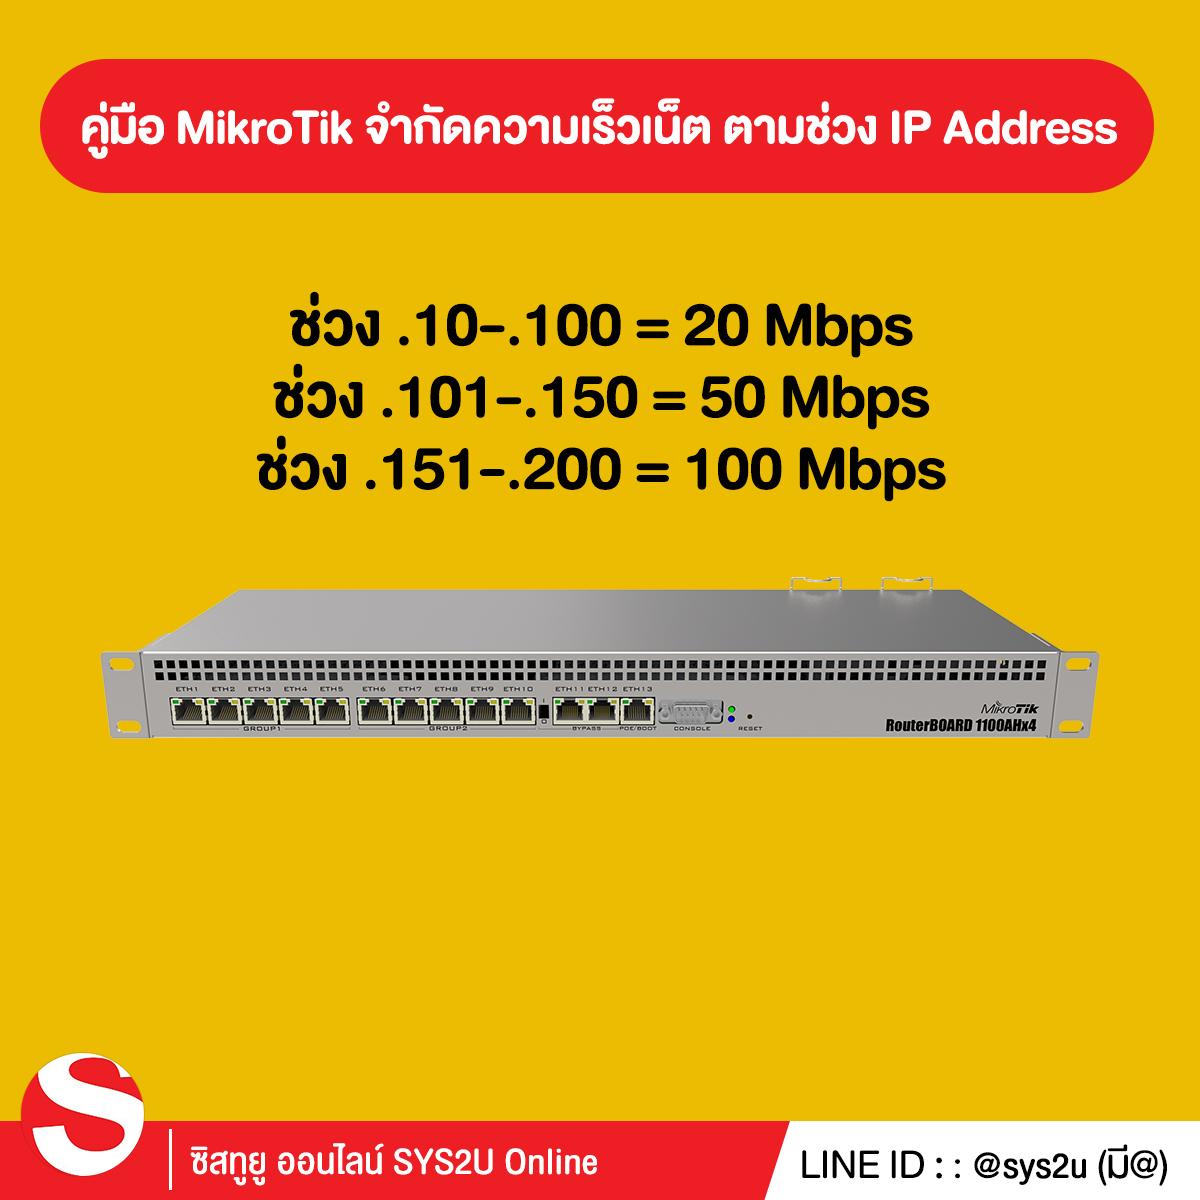 คู่มือการติดตั้ง จำกัดความเร็วเน็ต (Bandwidth Limit) อุปกรณ์